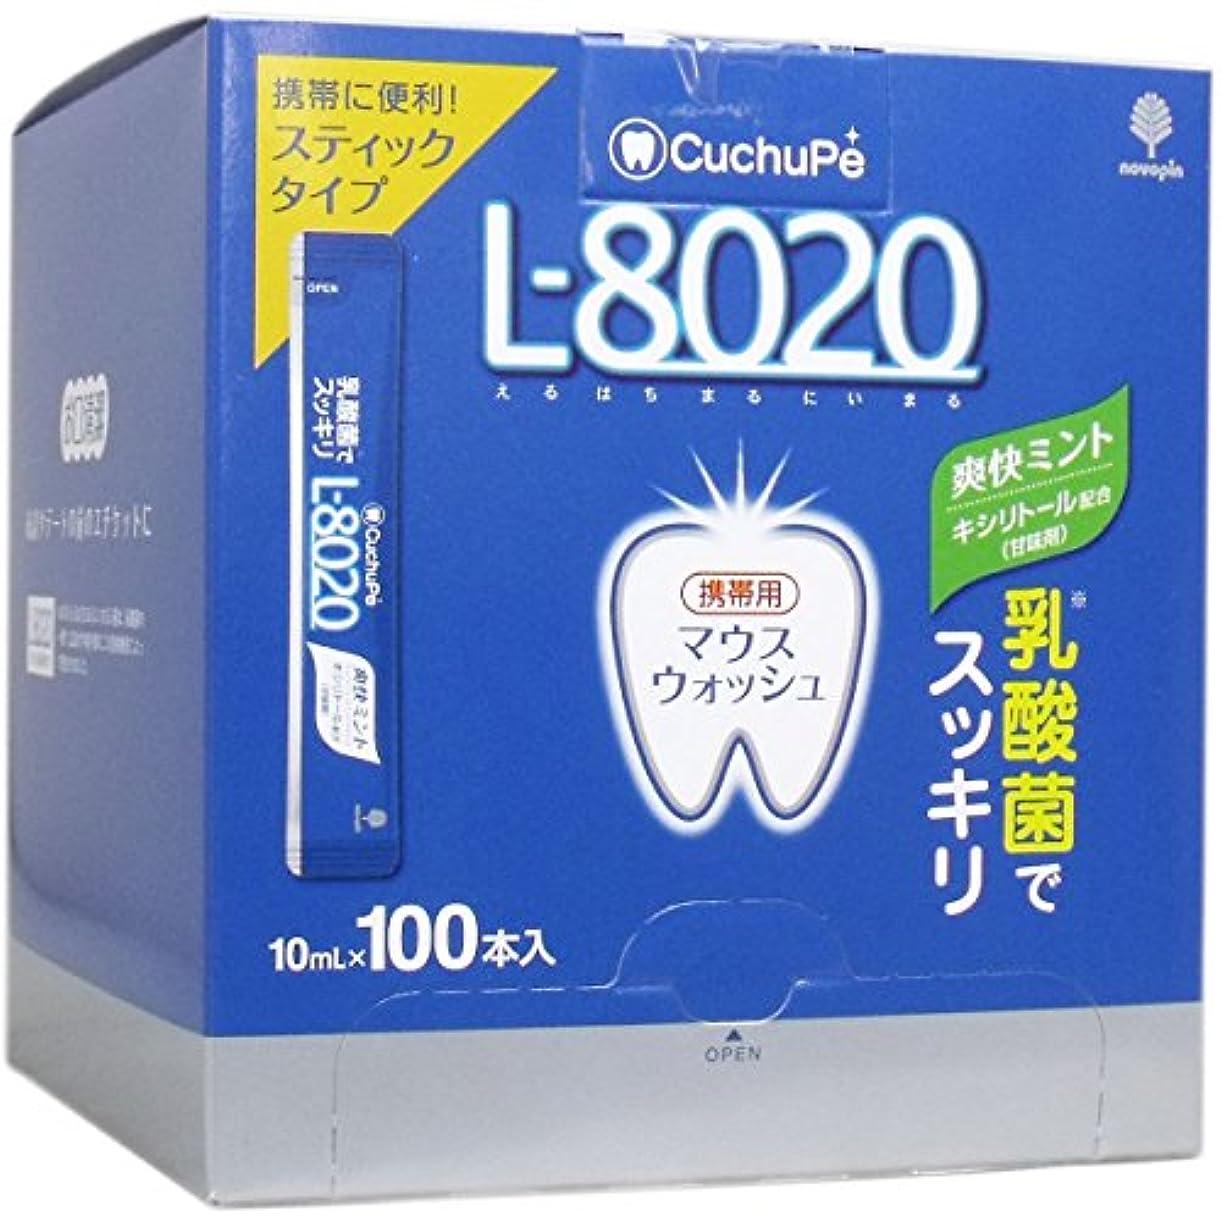 突然ピューエロチッククチュッペ L-8020 マウスウォッシュ 爽快ミント スティックタイプ 100本入